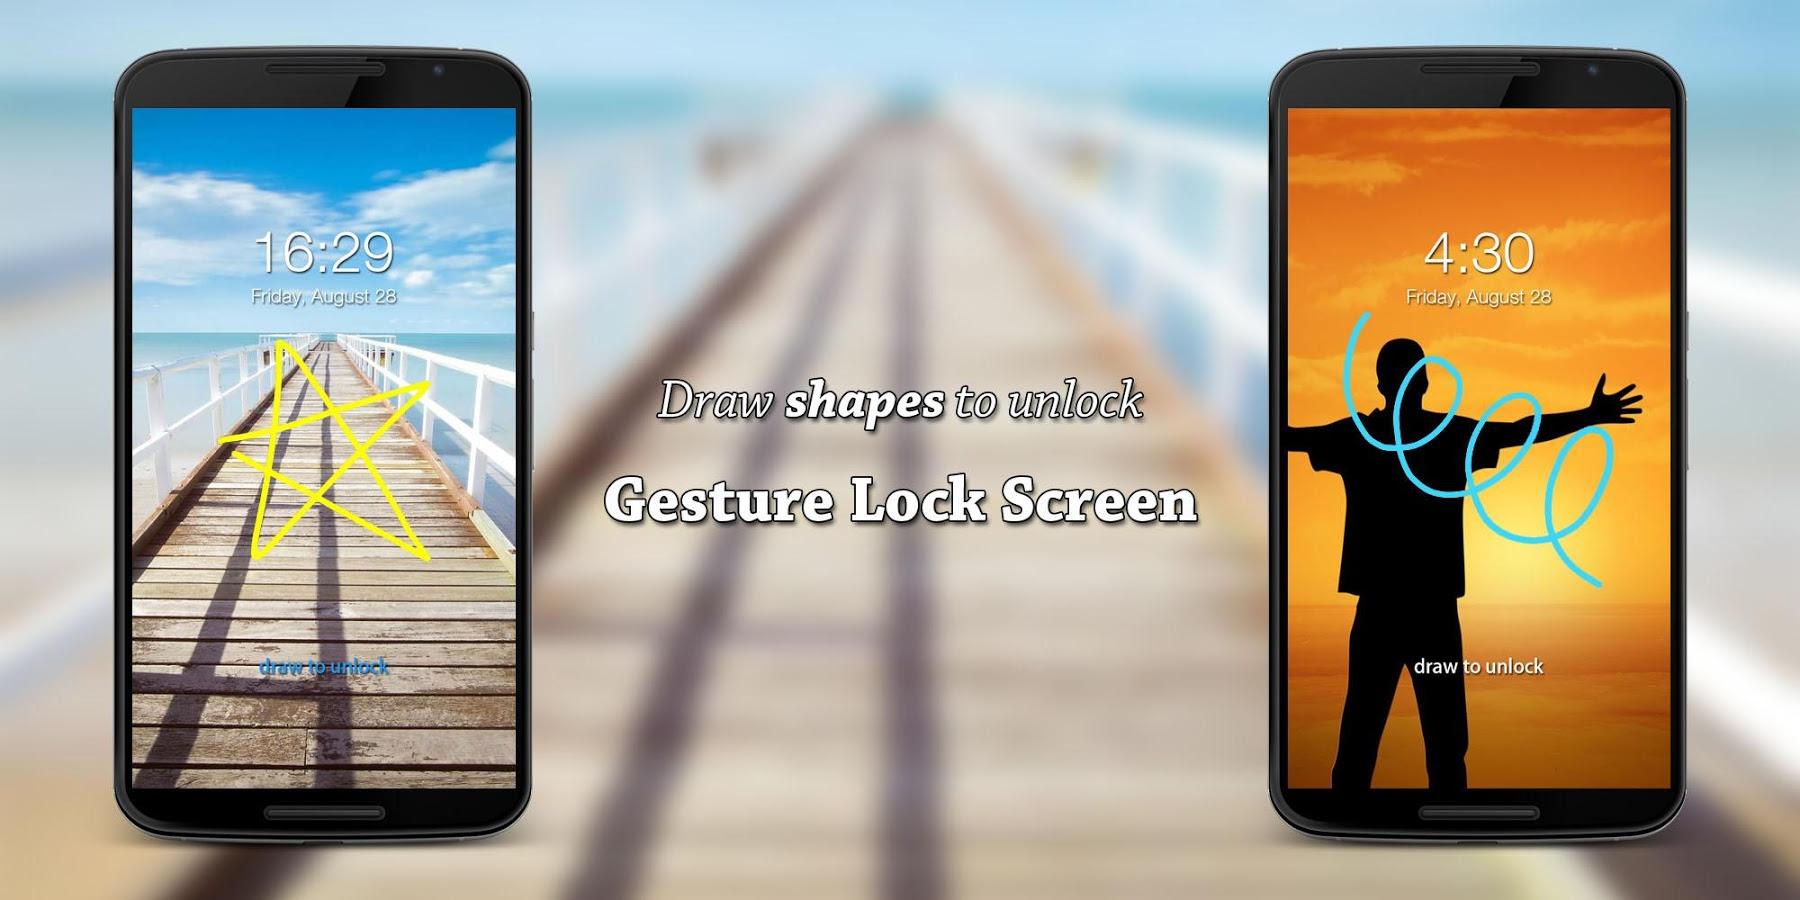 دانلود Gesture Lock Screen PRO بر ای اندروید / قفل صفحه نمایش با الگوی دلخواه